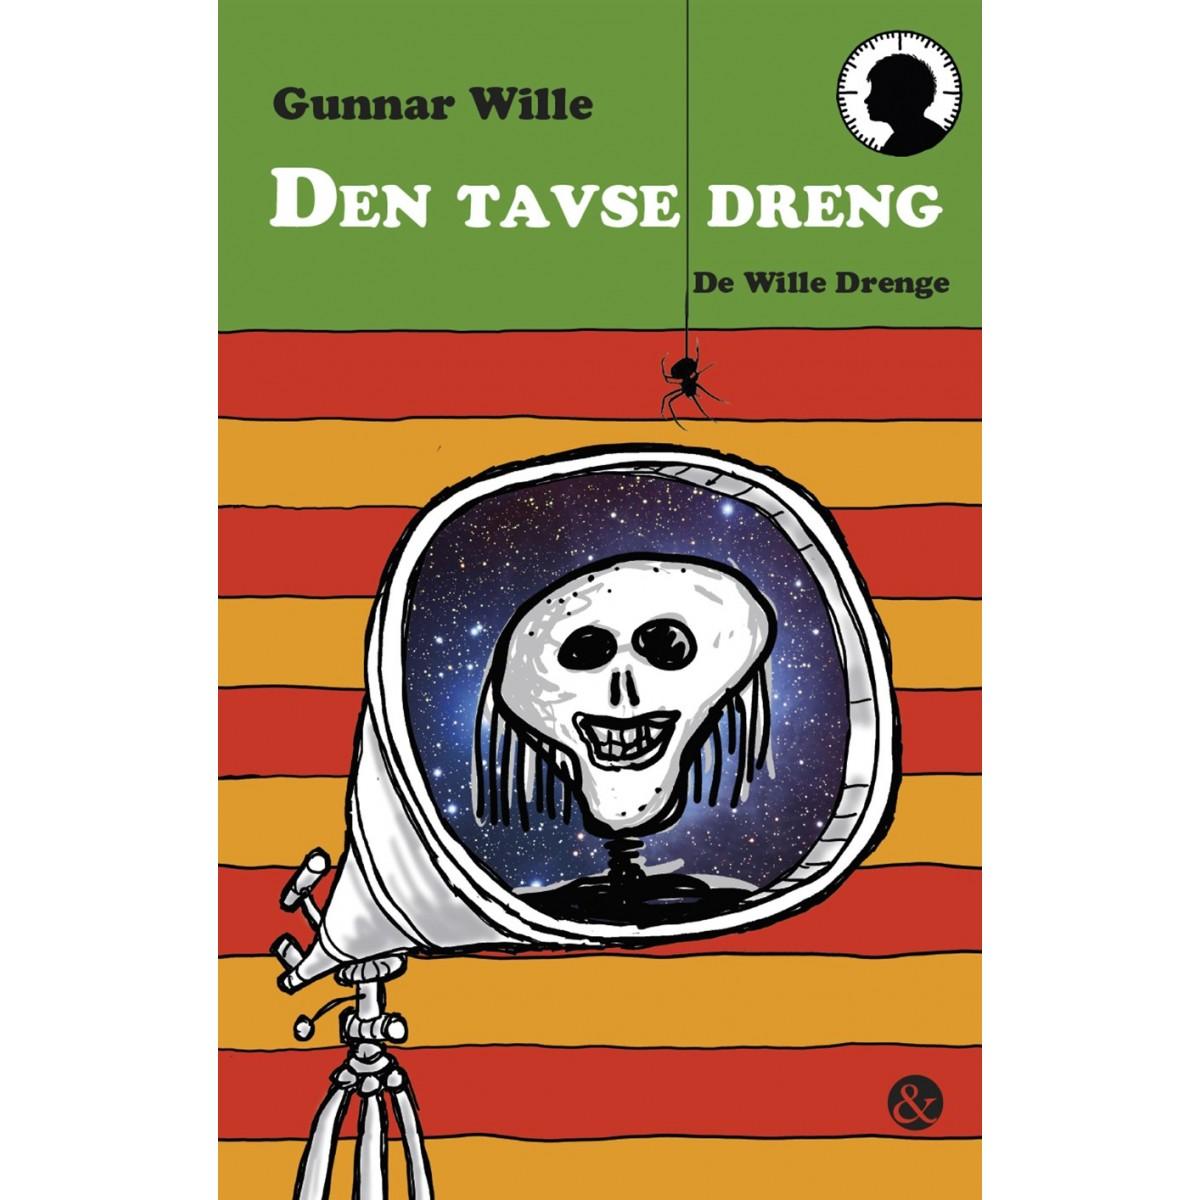 Gunnar Wille: Den tavse dreng